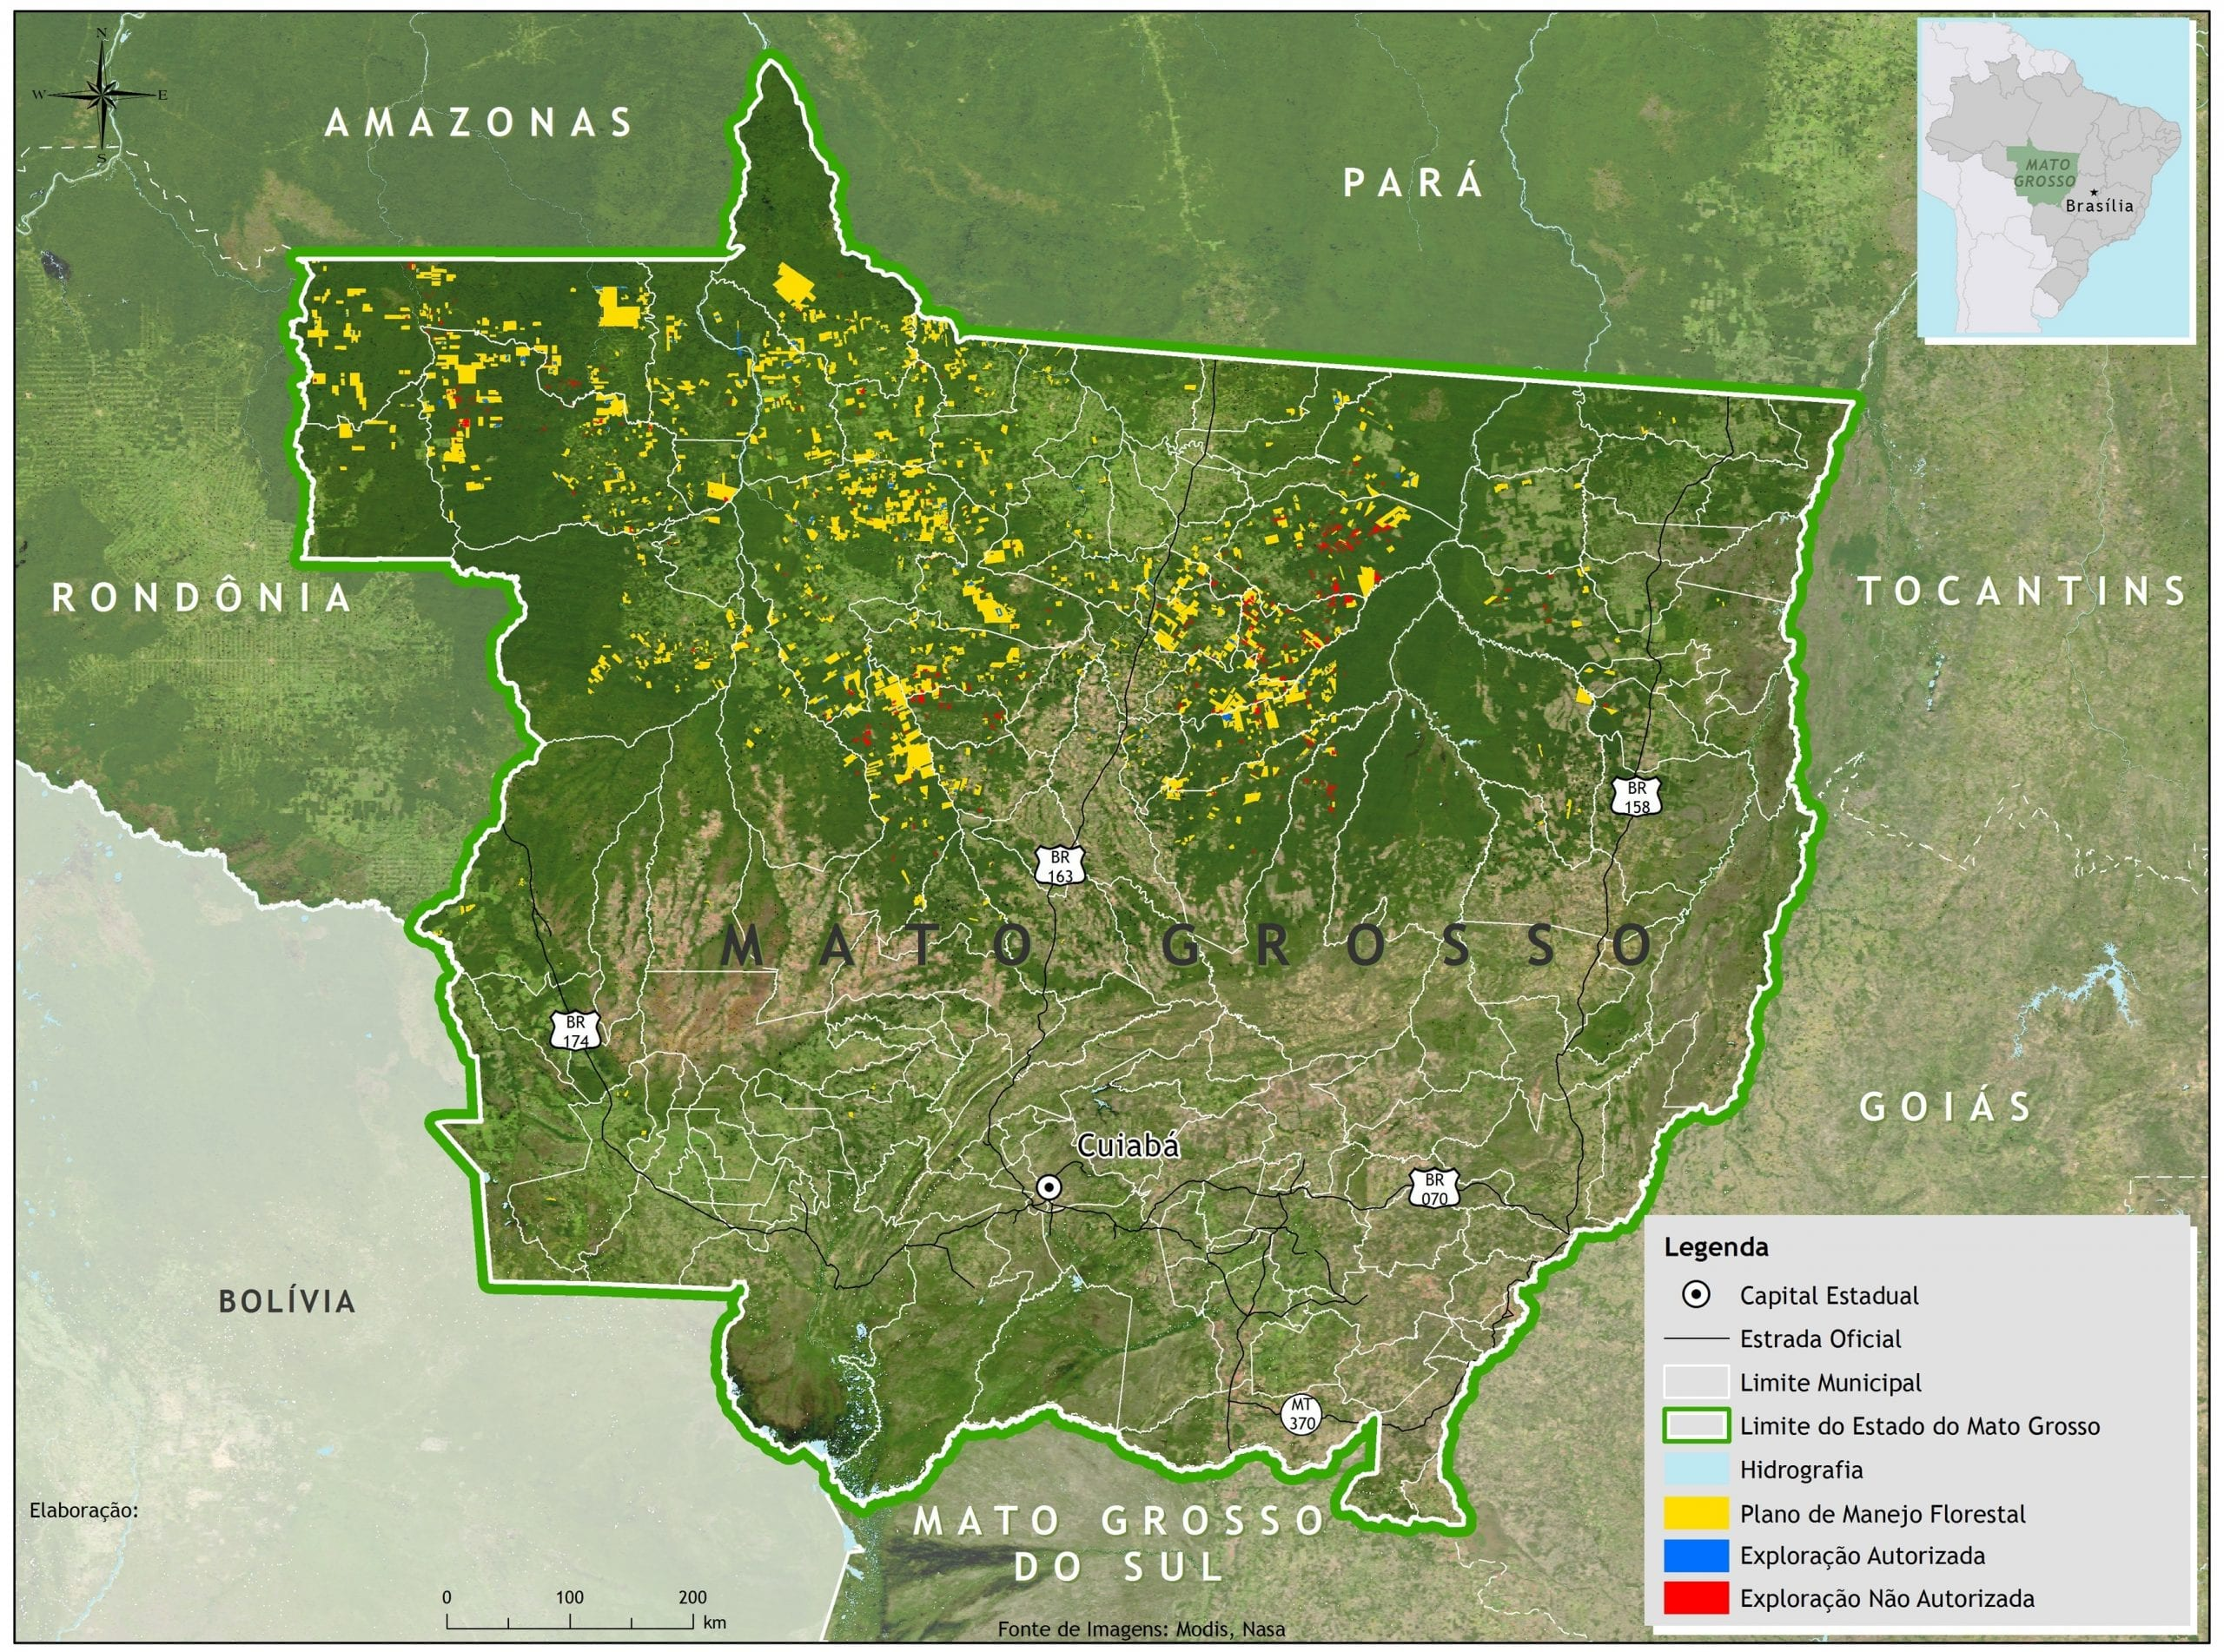 Exploracao ilegal MT Imazon - Distribuição espacial da exploração madeireira autorizada e não autorizada no Estado de Mato Grosso entre agosto/2011 e julho/2012.